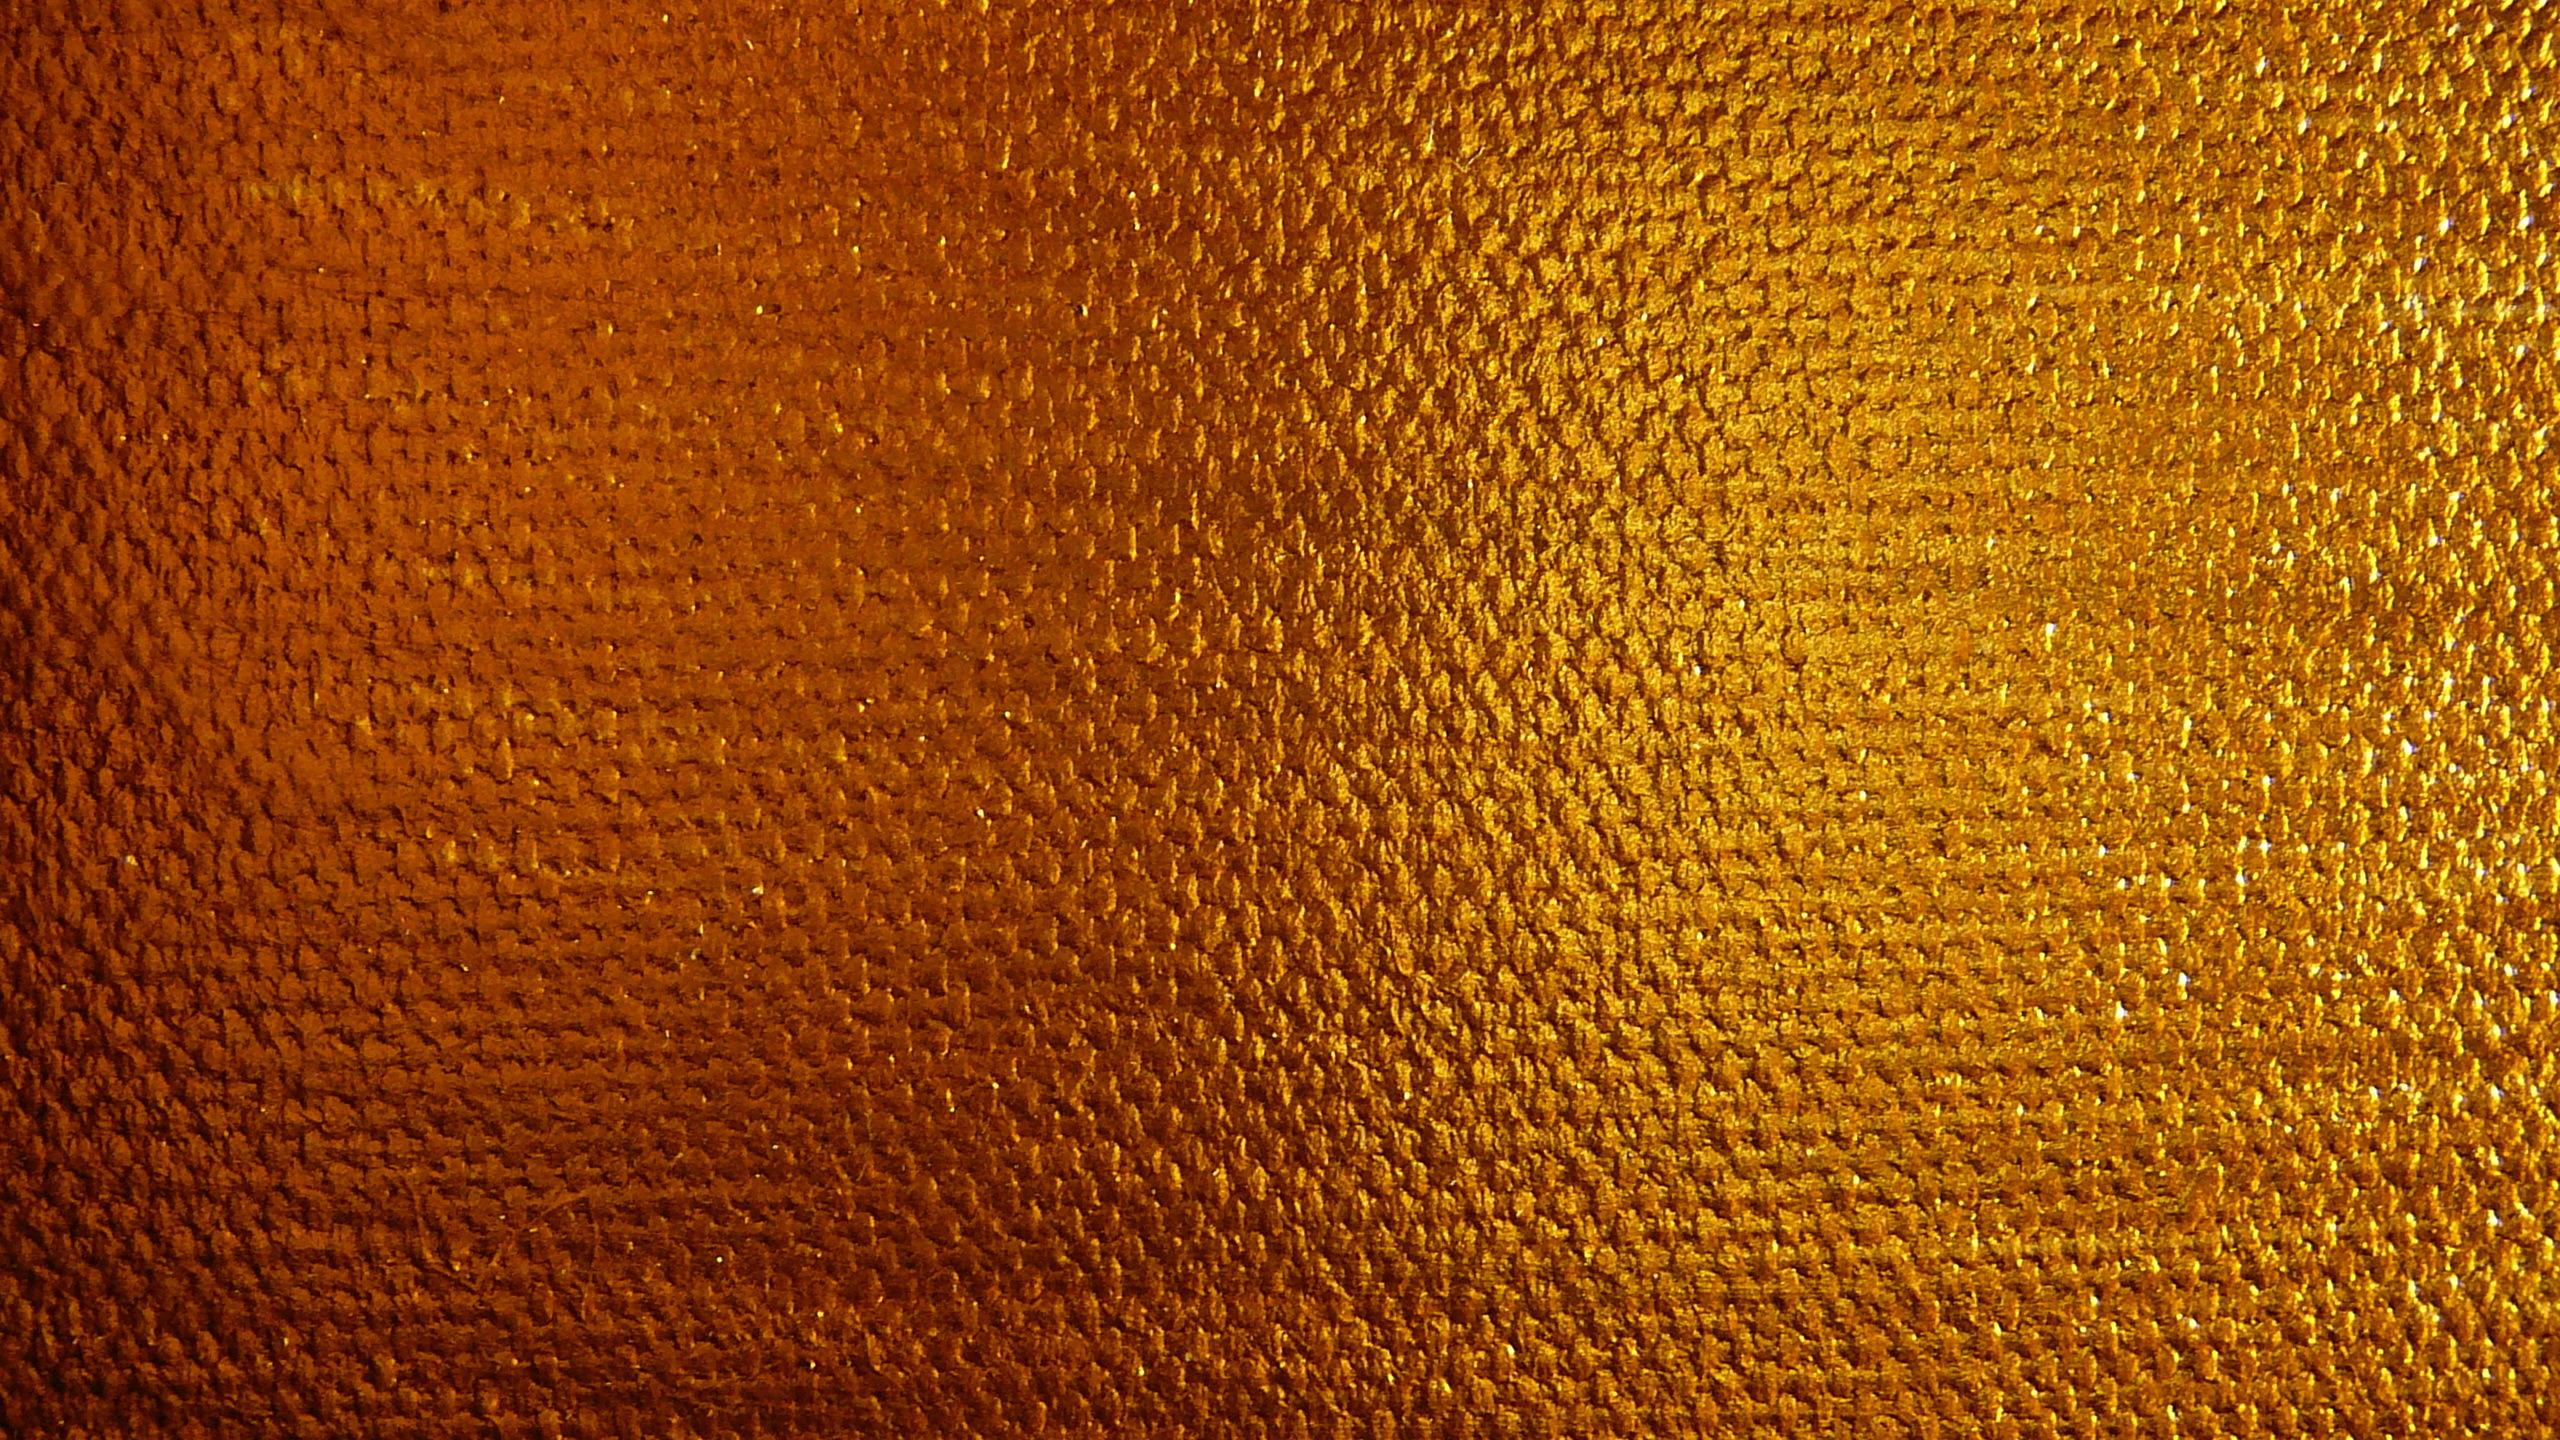 кофейные зерна мешковина ткань  № 3696171  скачать